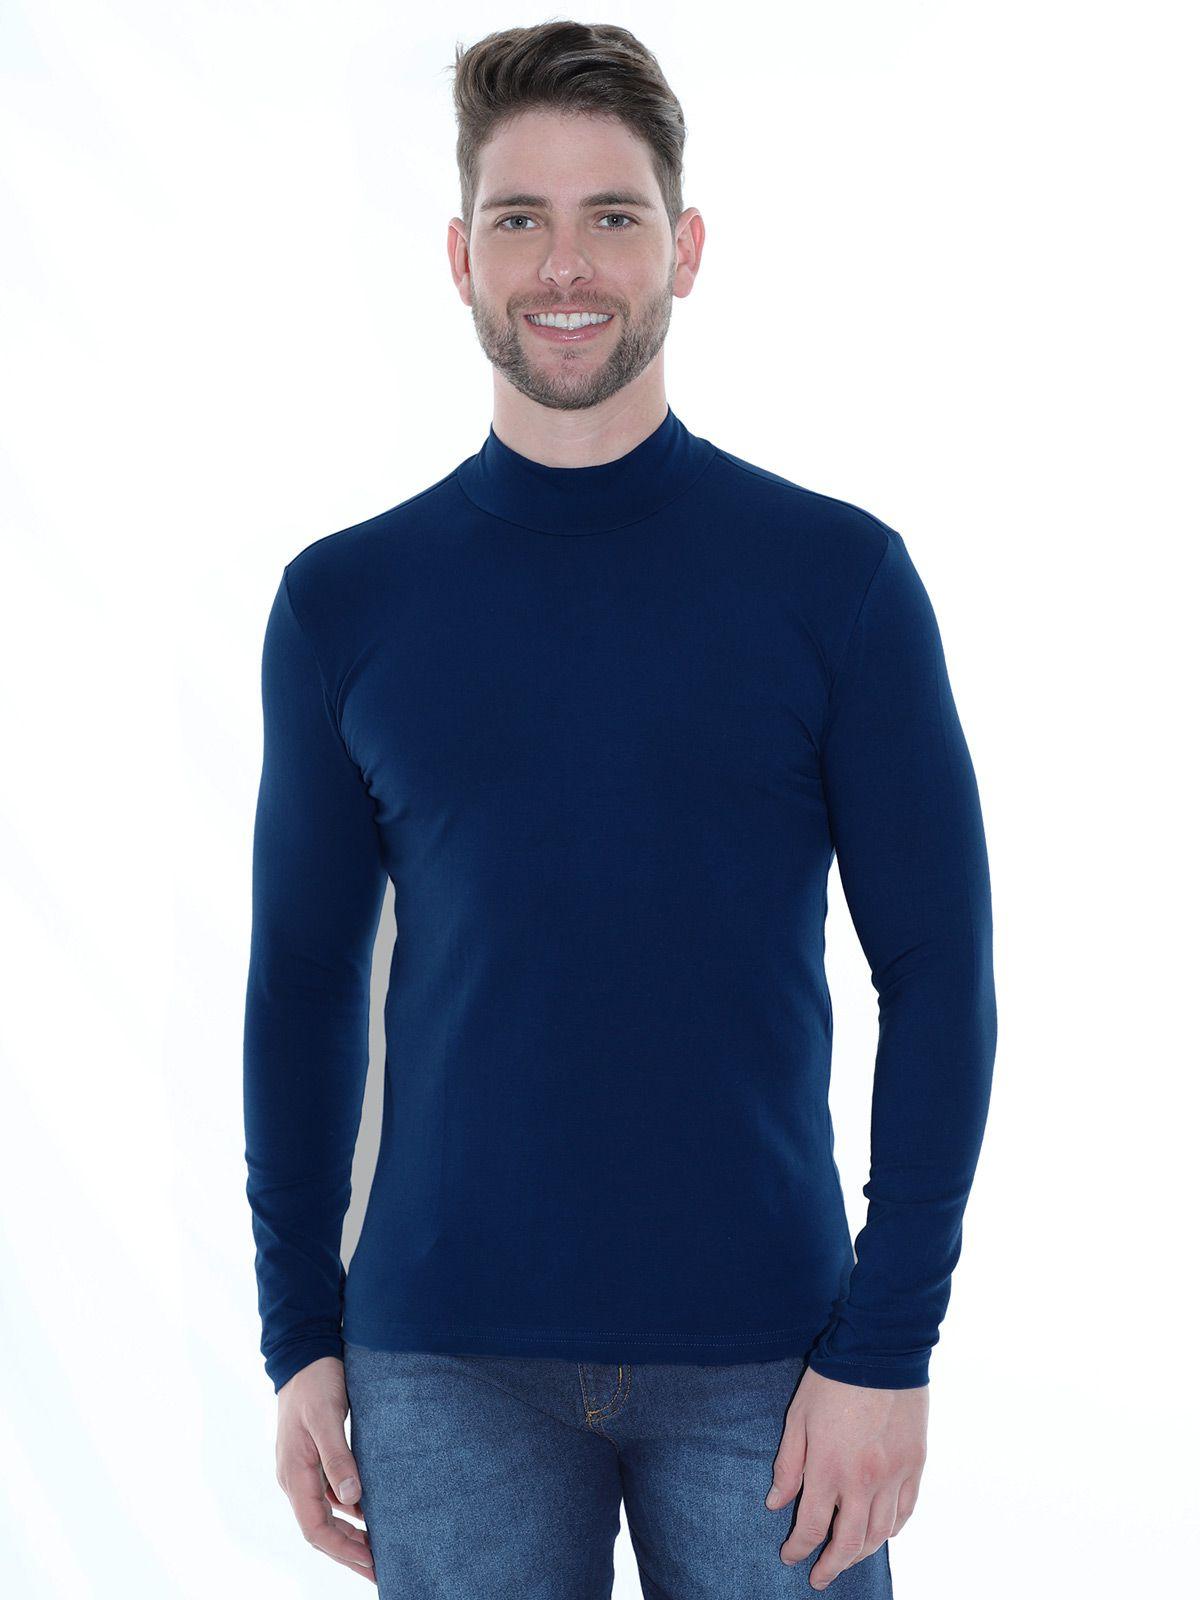 Blusa Masculina Anistia Gola Alta Slim com Elastano Azul Marinho